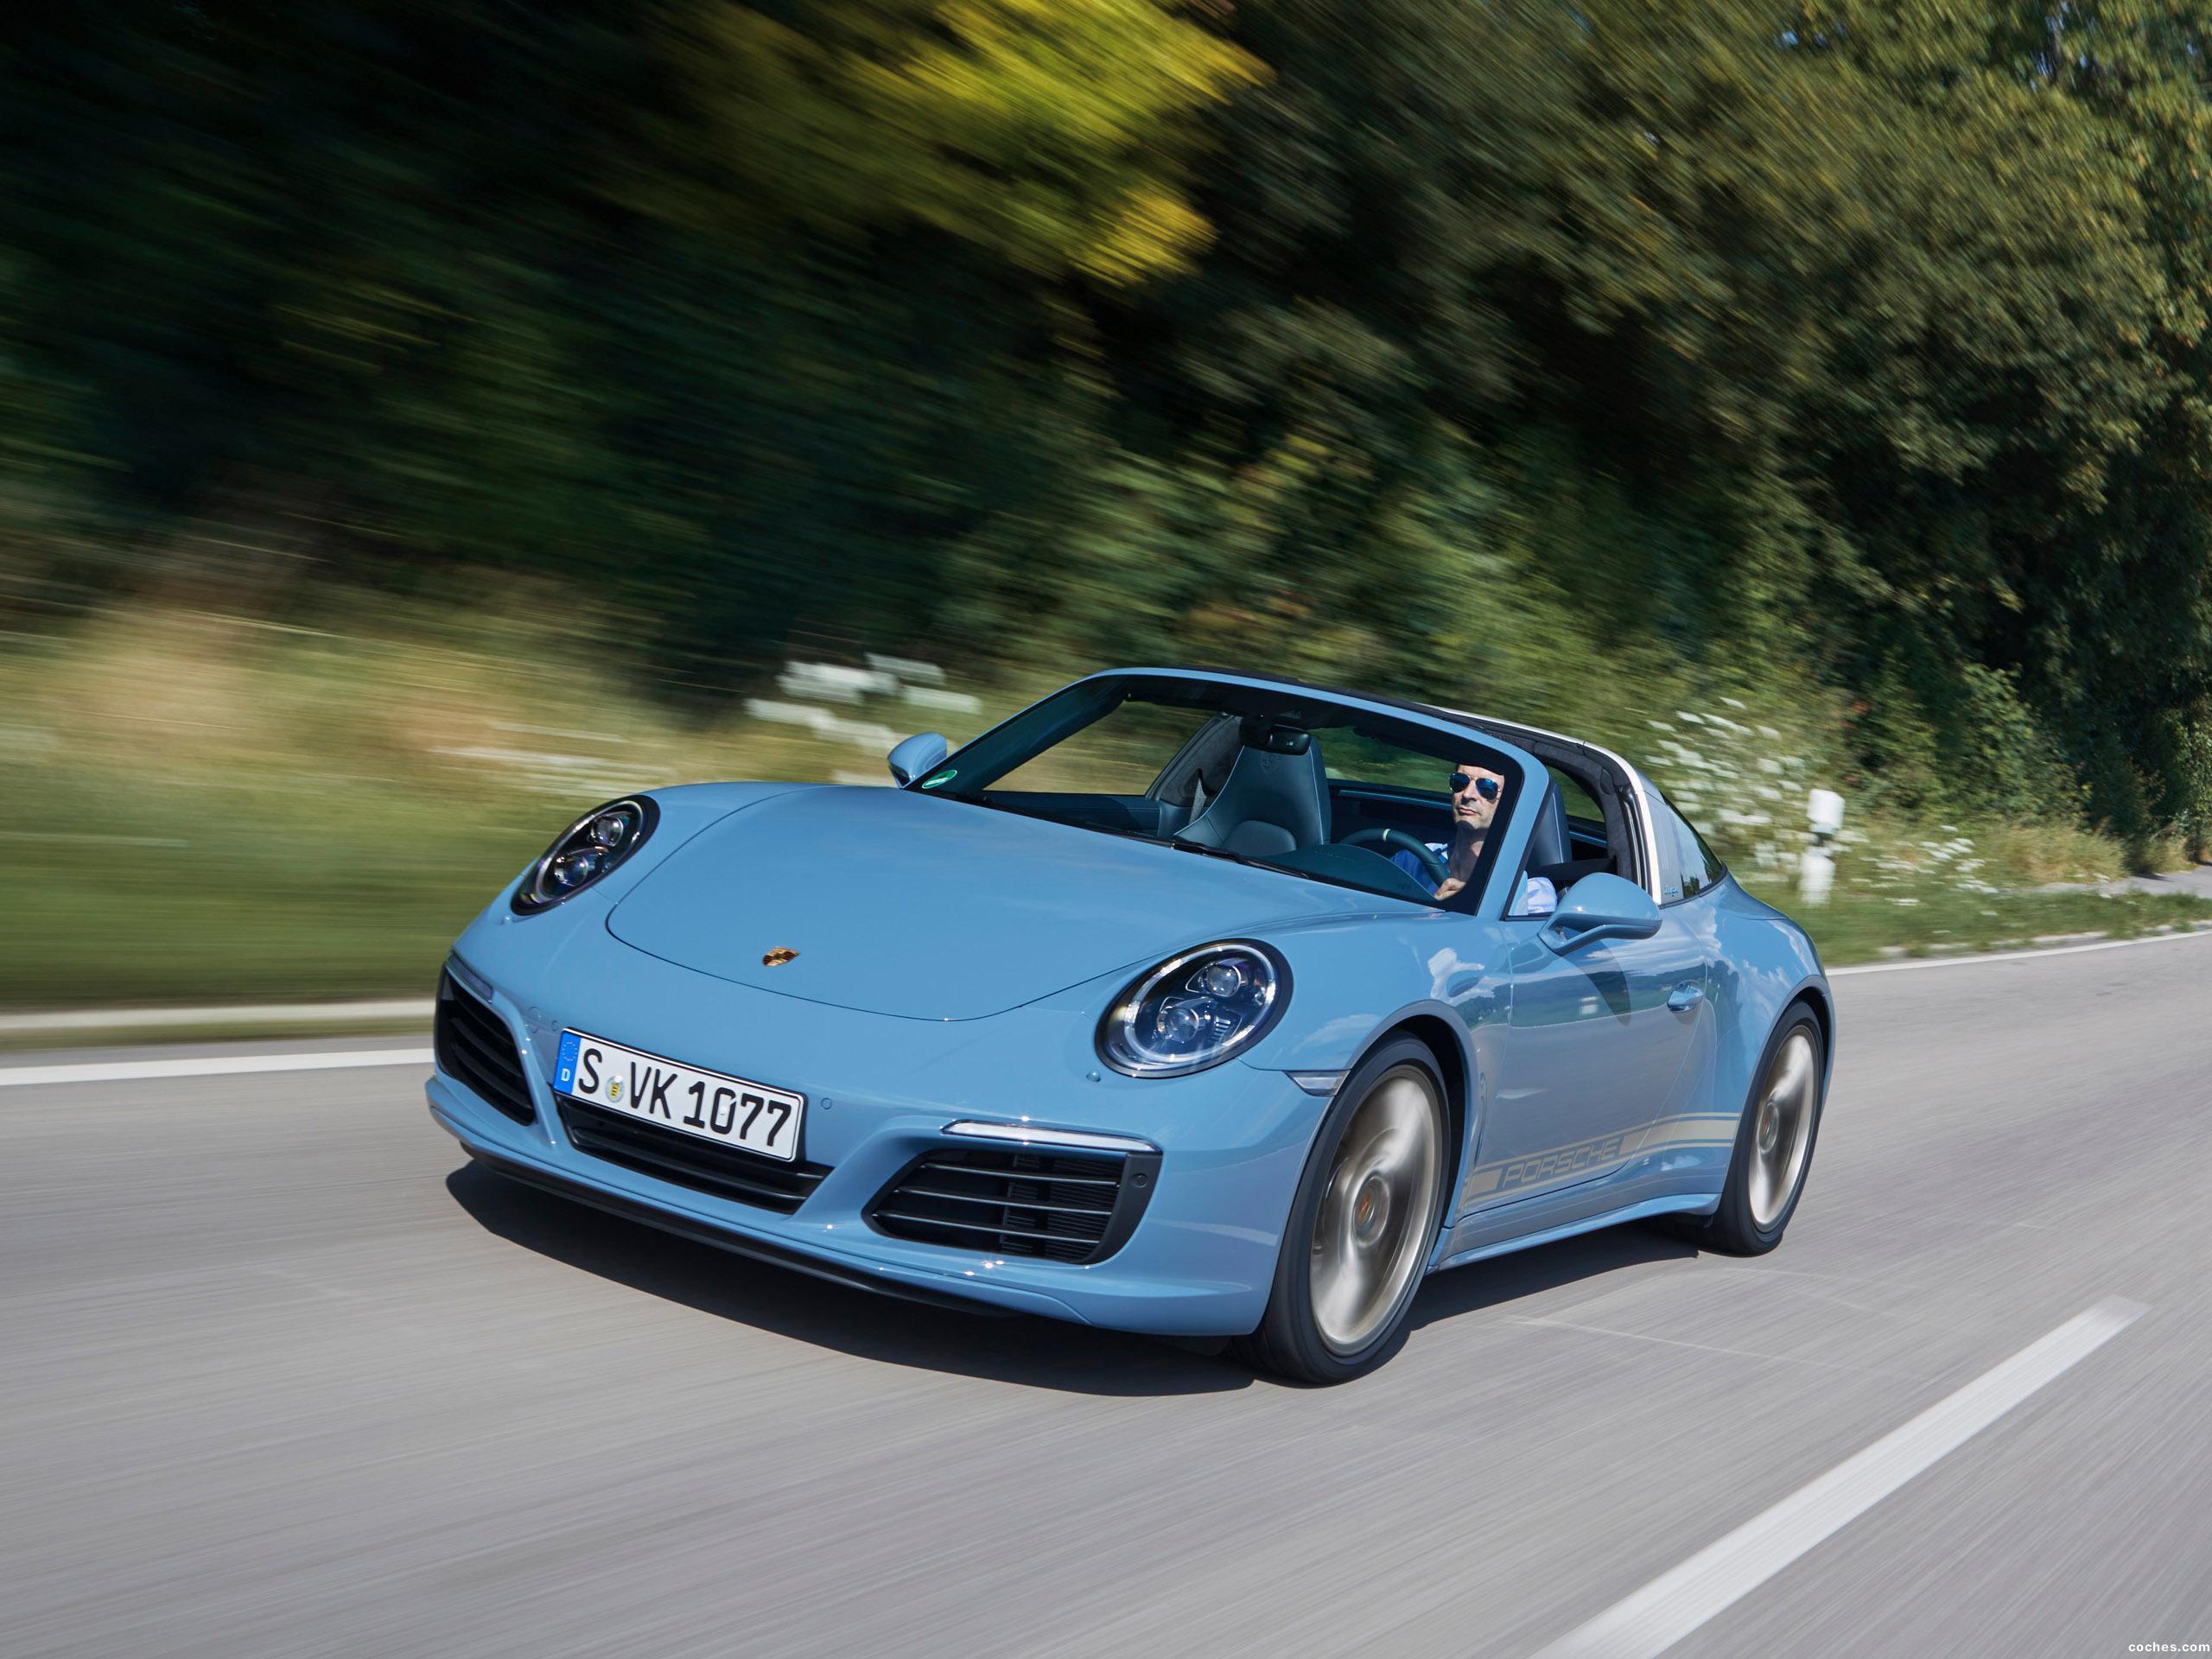 Foto 0 de Porsche 911 Targa 4S Exclusive Design Edition 2016